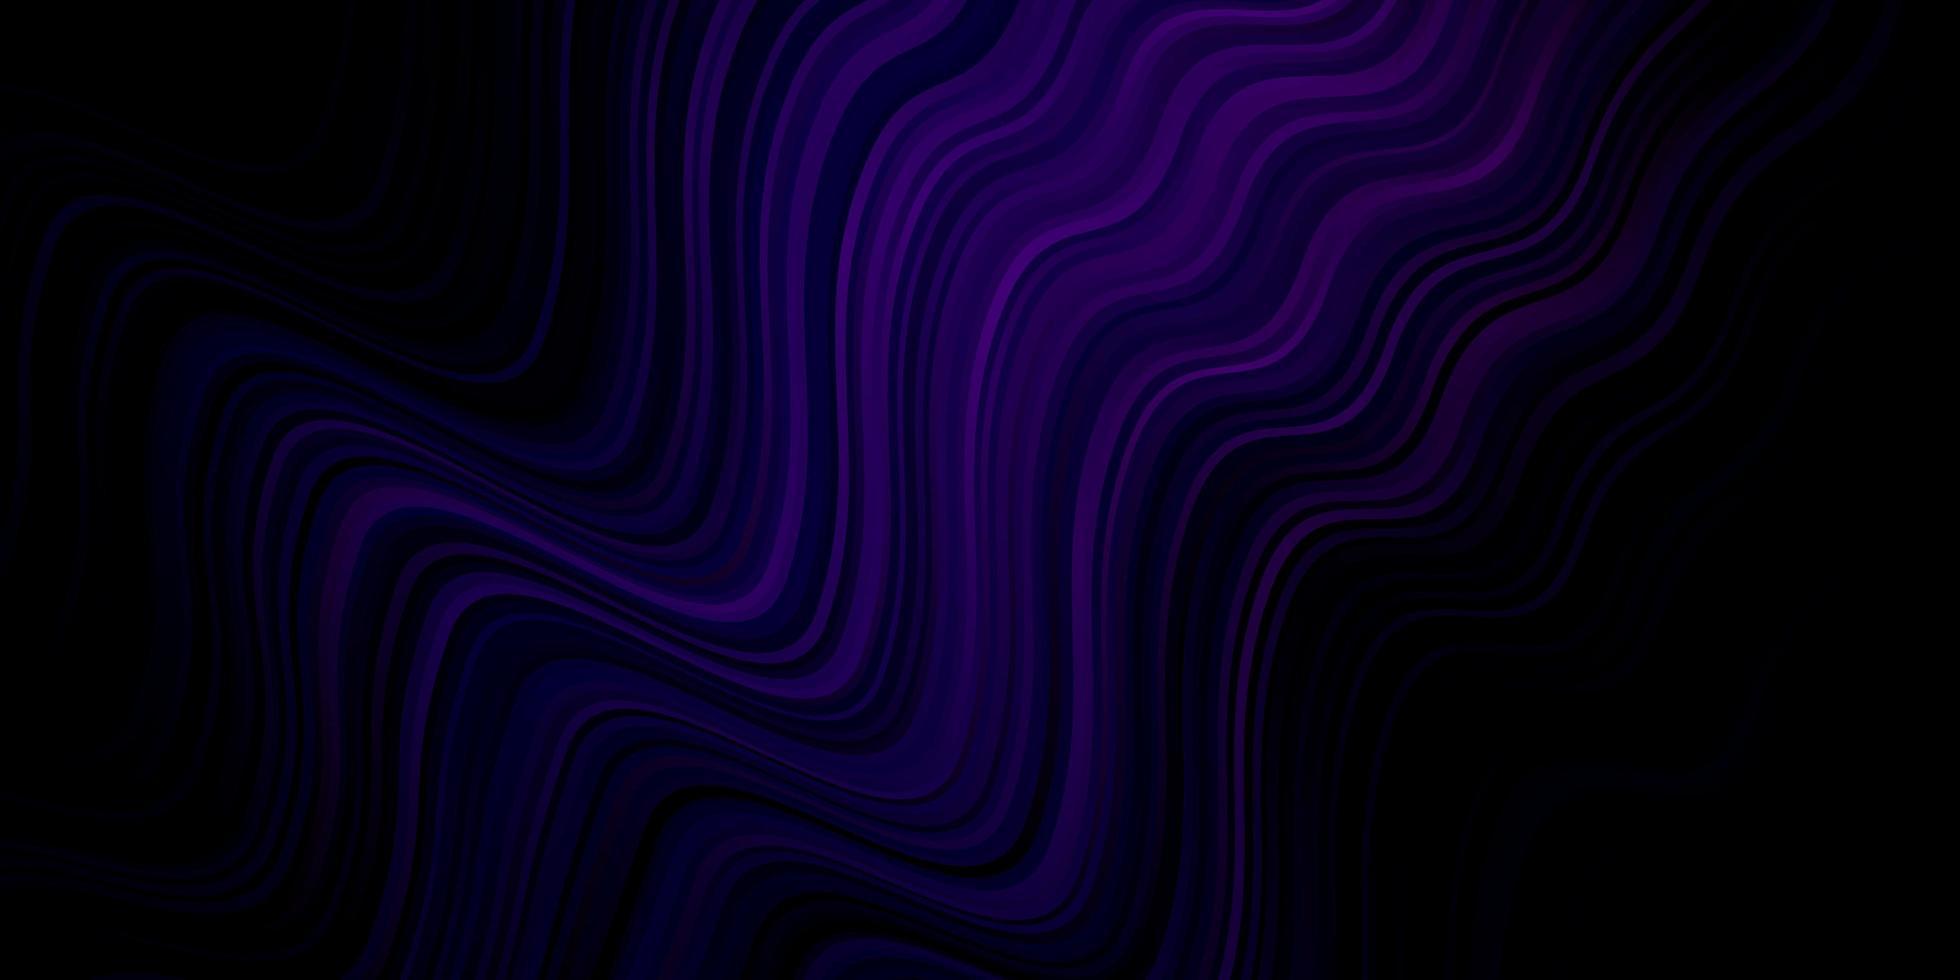 textura vector roxo escuro com curvas.